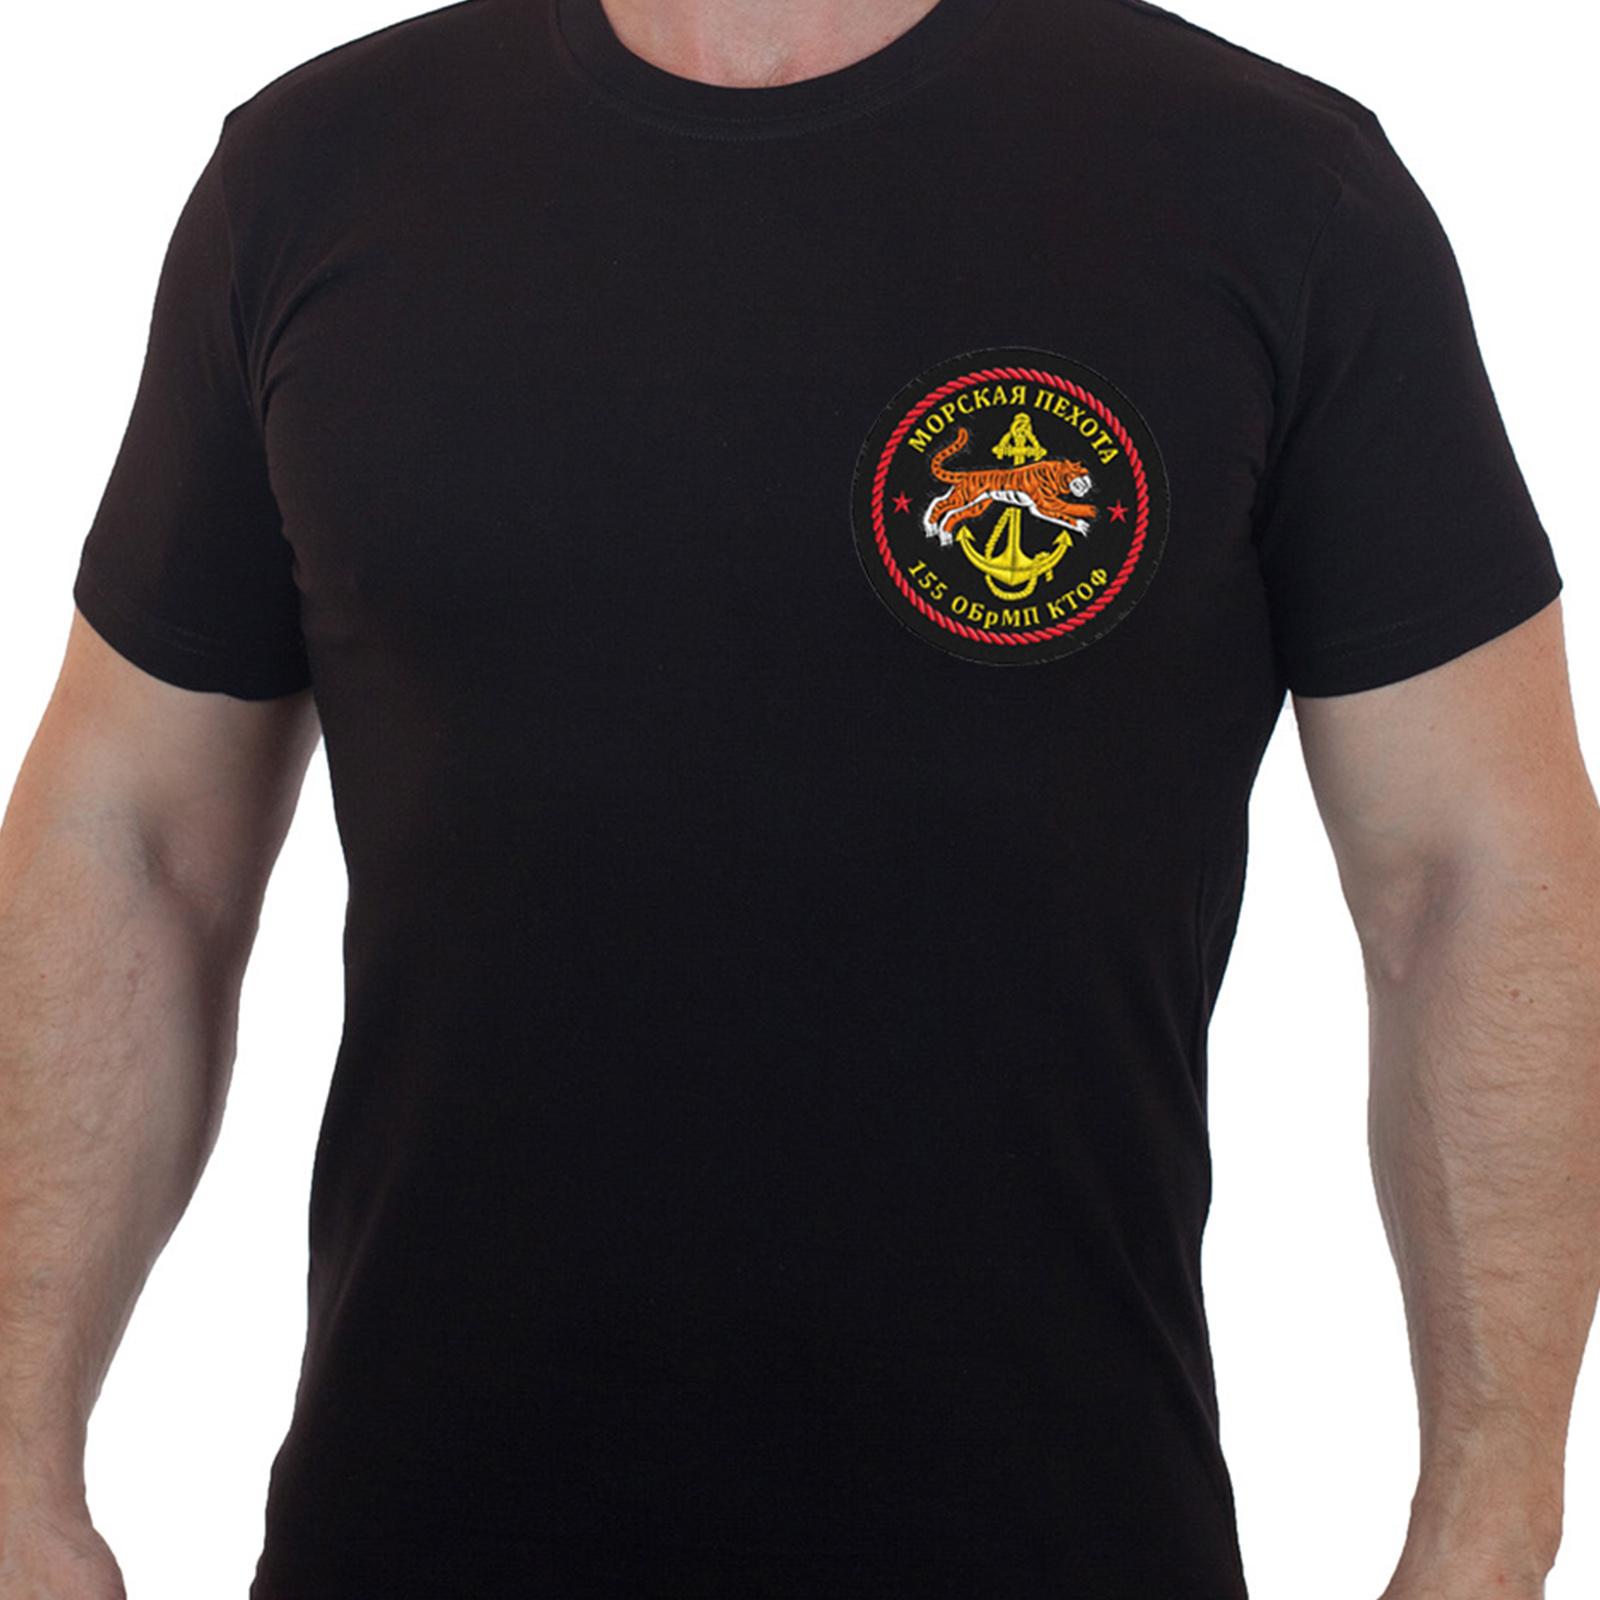 Строгая мужская футболка с вышивкой Морпехи 155 ОБрМП КТОФ - заказать онлайн